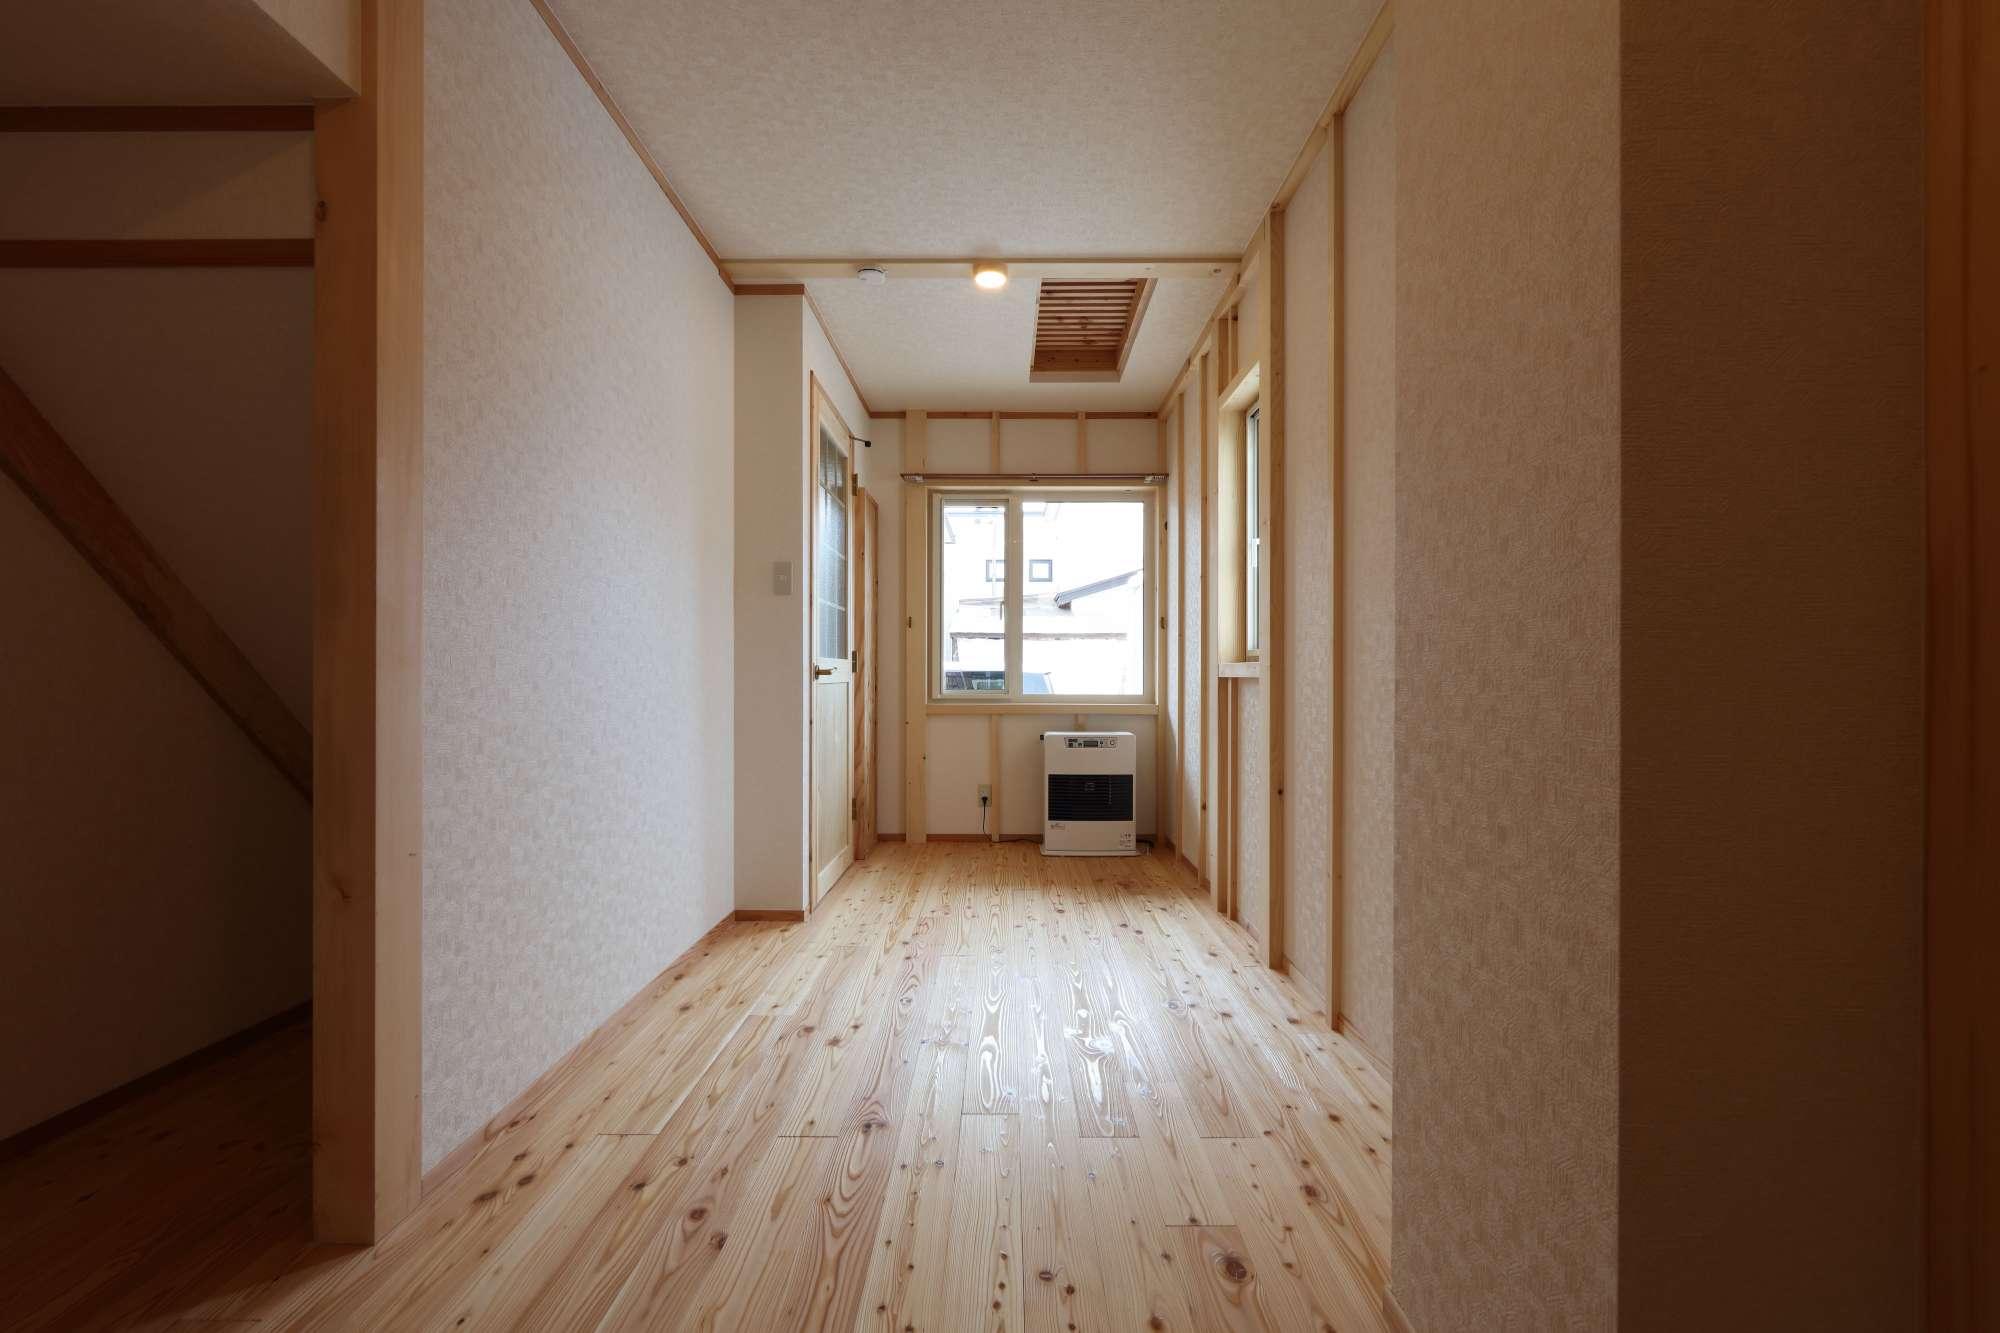 1階 洋室 階段下収納 -  -  -